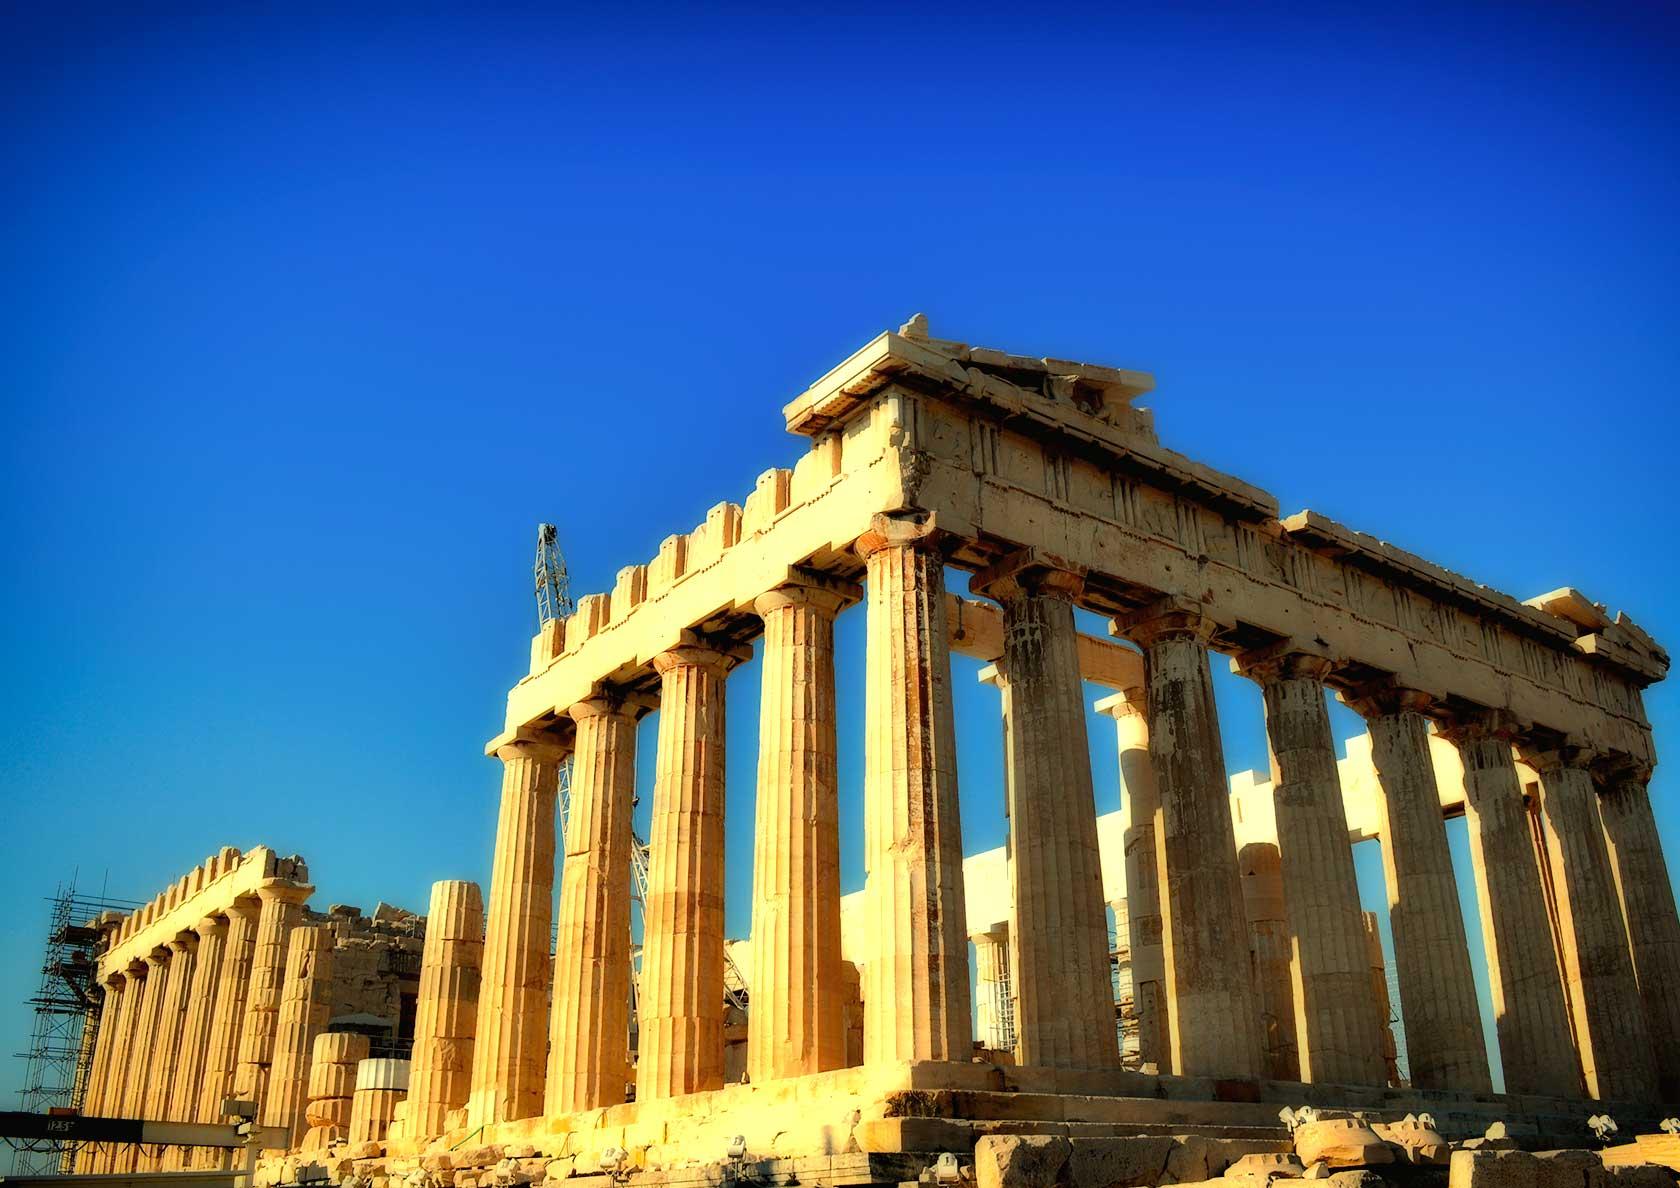 viajar-turismo-operadora-pacote-viagem-europa-grecia-pacotes-turismo-viagem-viagens-grecia-express-atenas-mykonos